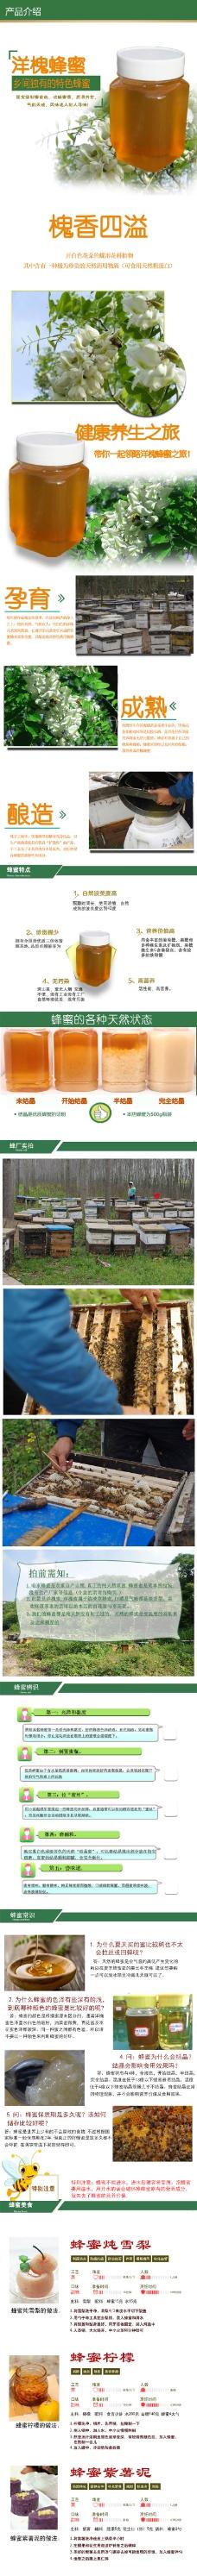 蜂蜜详情页  750详情页